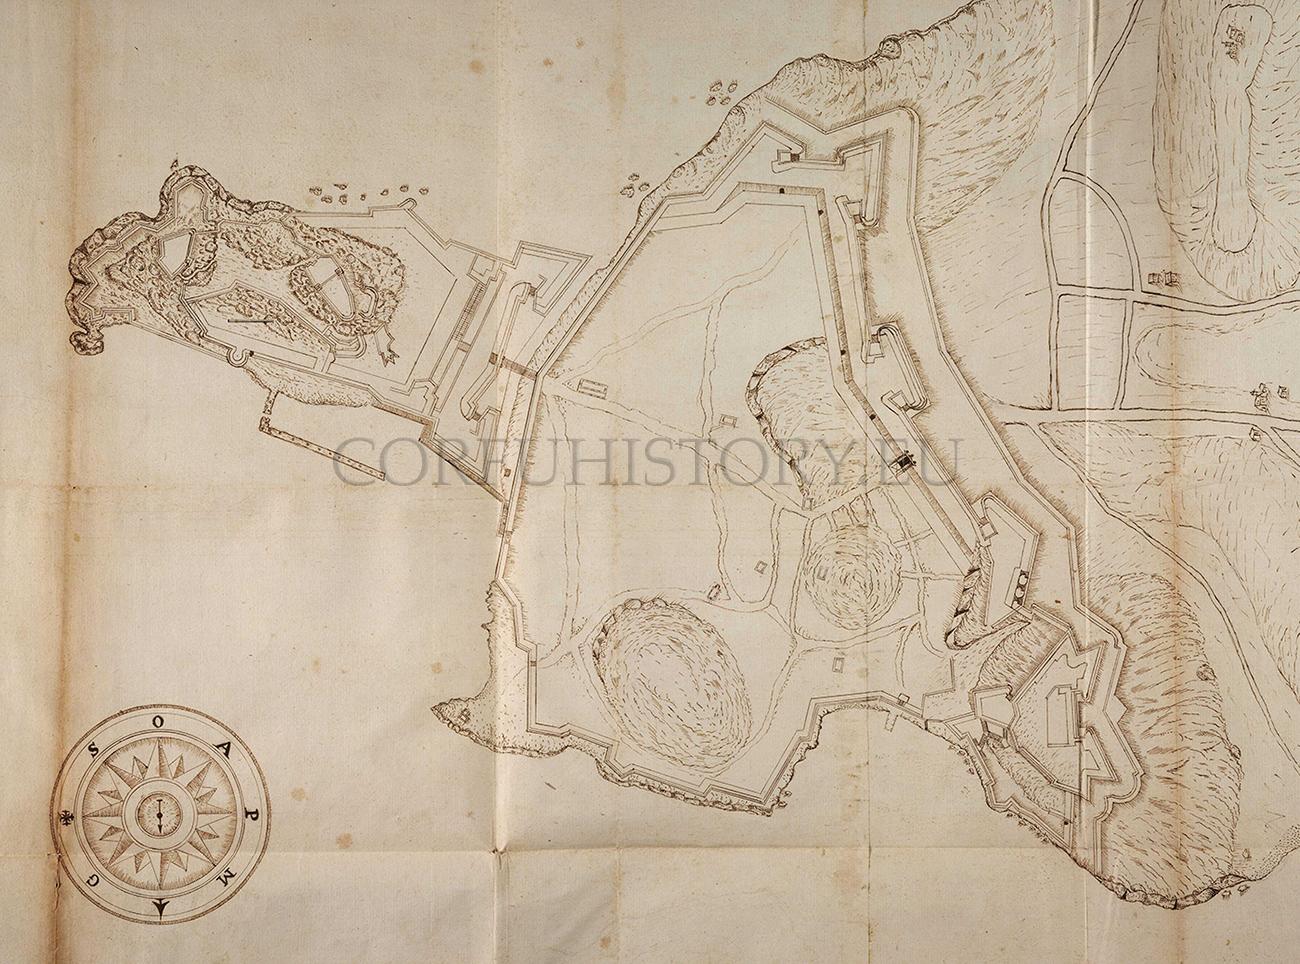 Σχέδιο του Βιτέλι με τις προτεινόμενες οχυρώσεις.